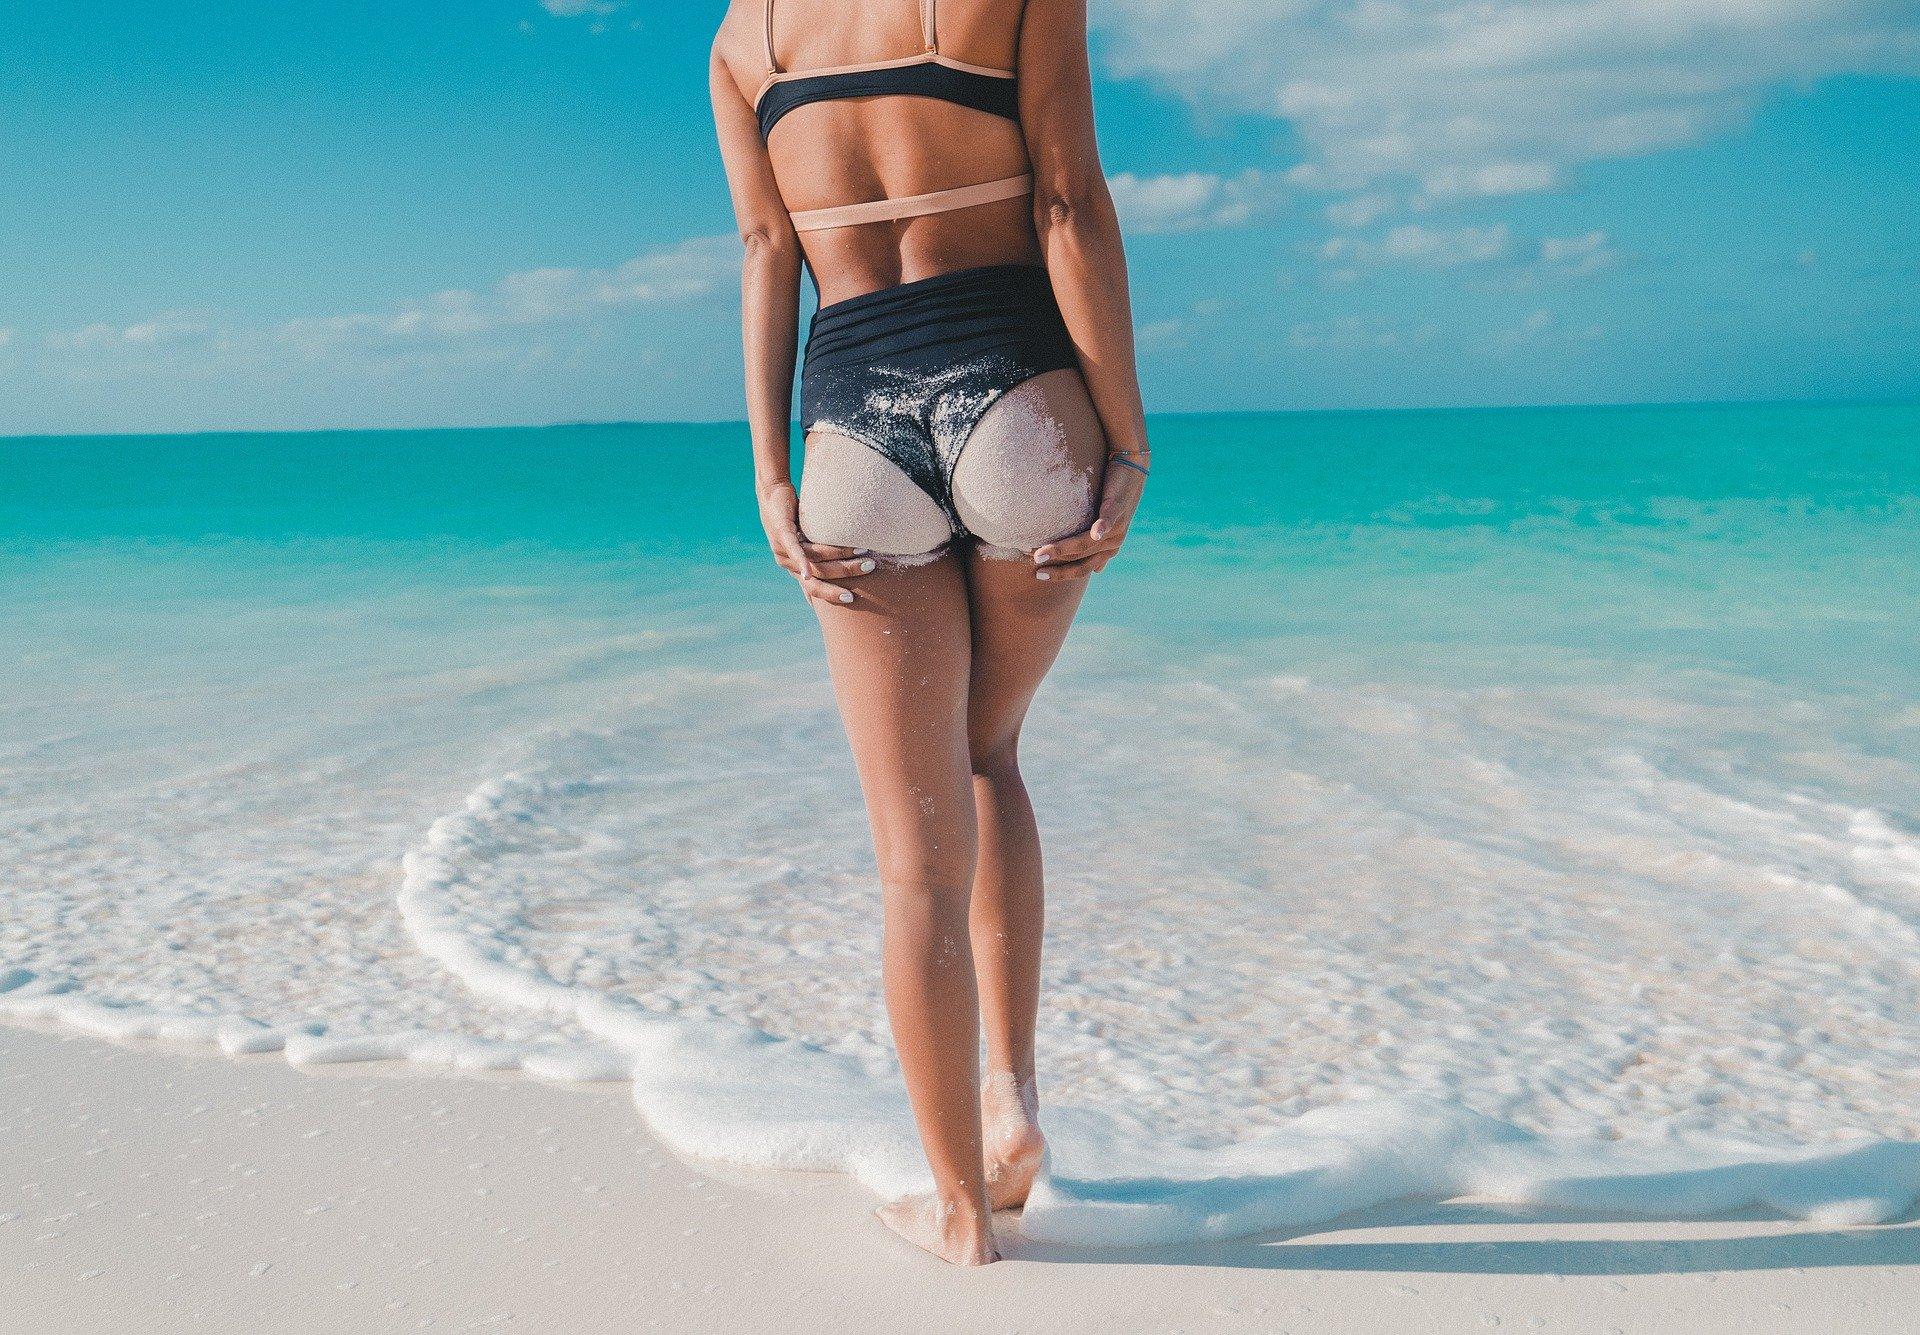 天白区パーソナルジム リアの女性が海で後ろ姿の写真